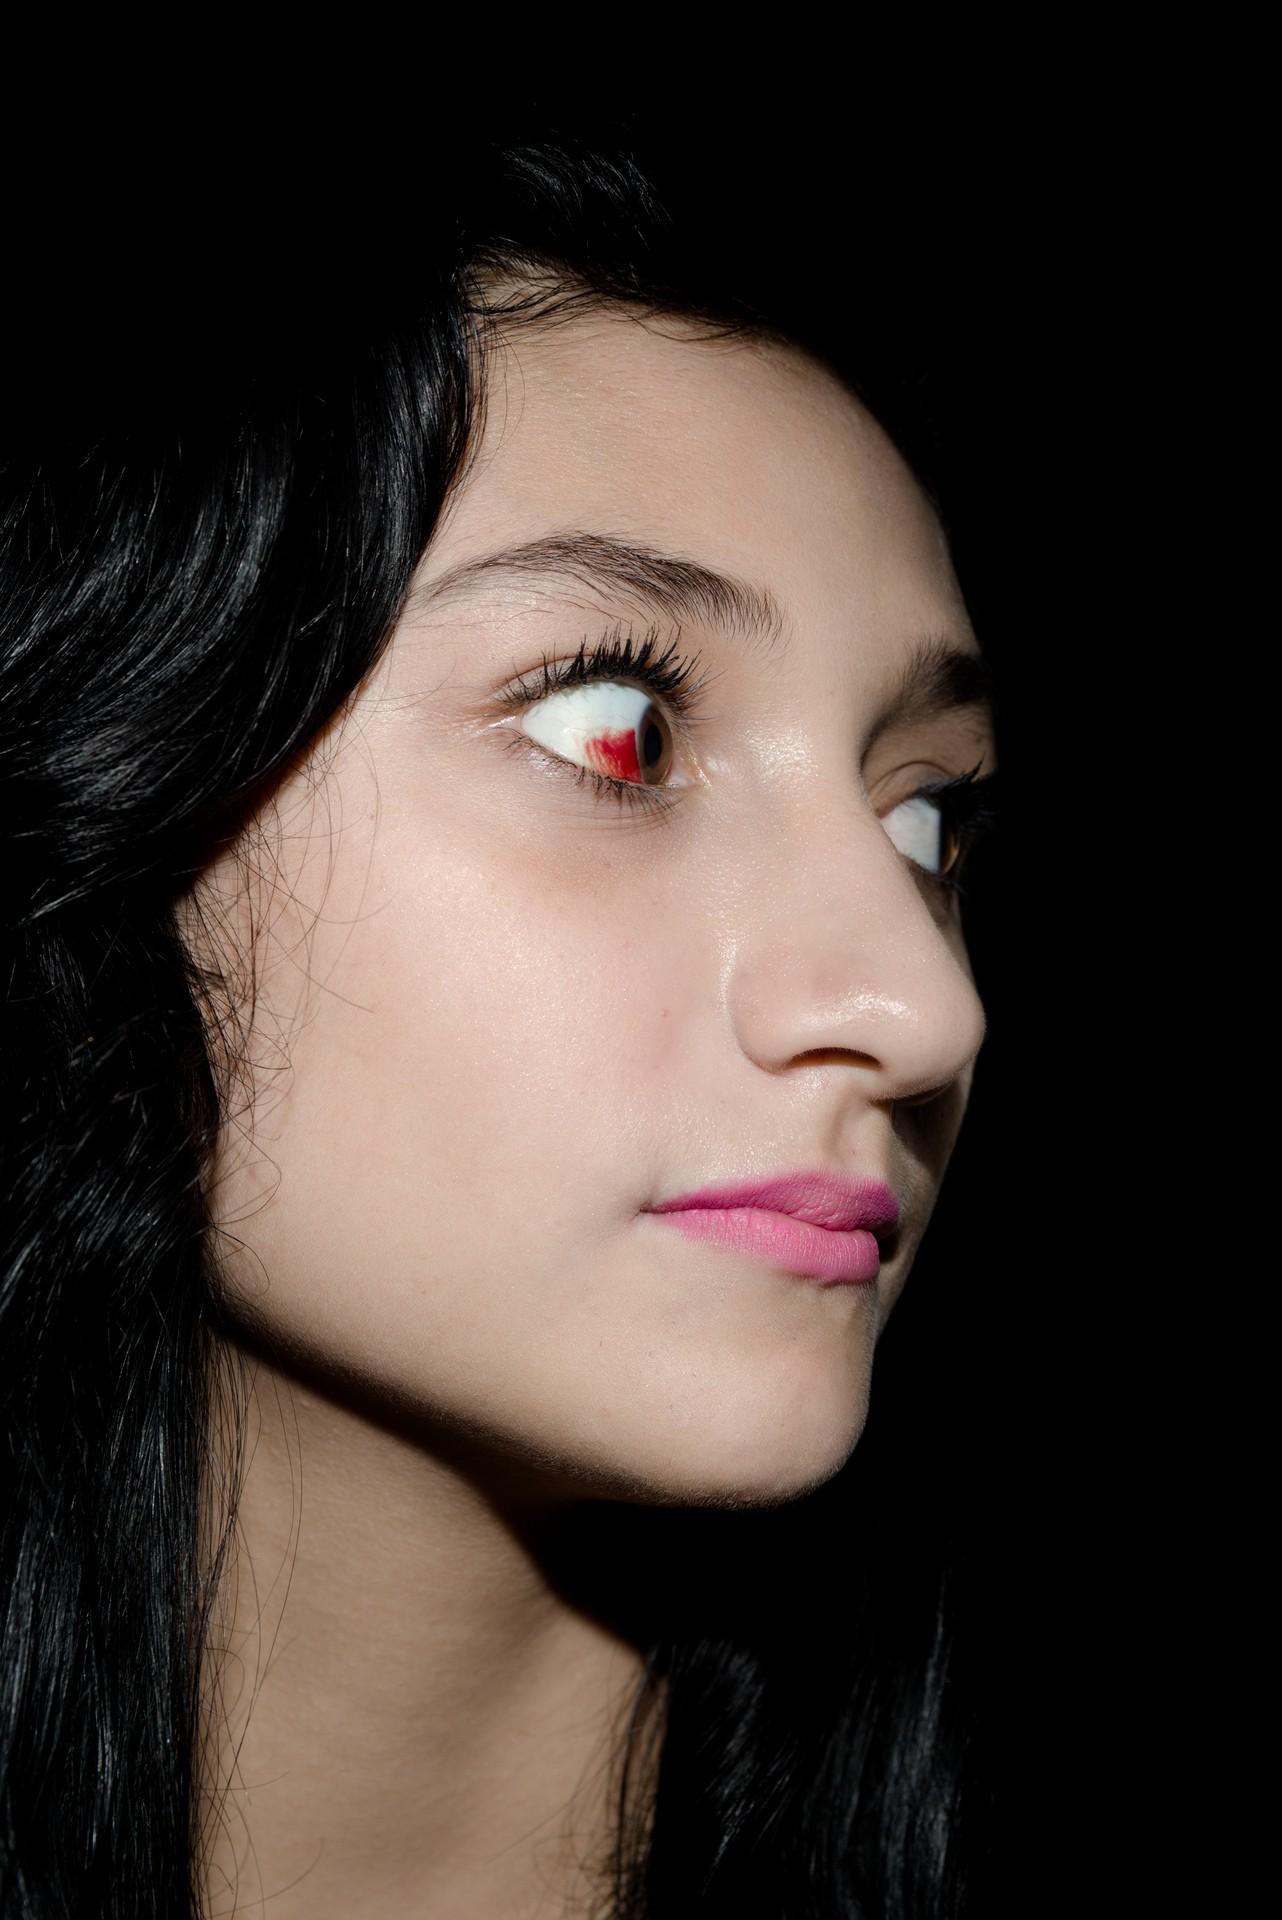 Fotó: Koleszár Adél: Lány Sinaloából, részlet Az erőszak sebei című sorozatból